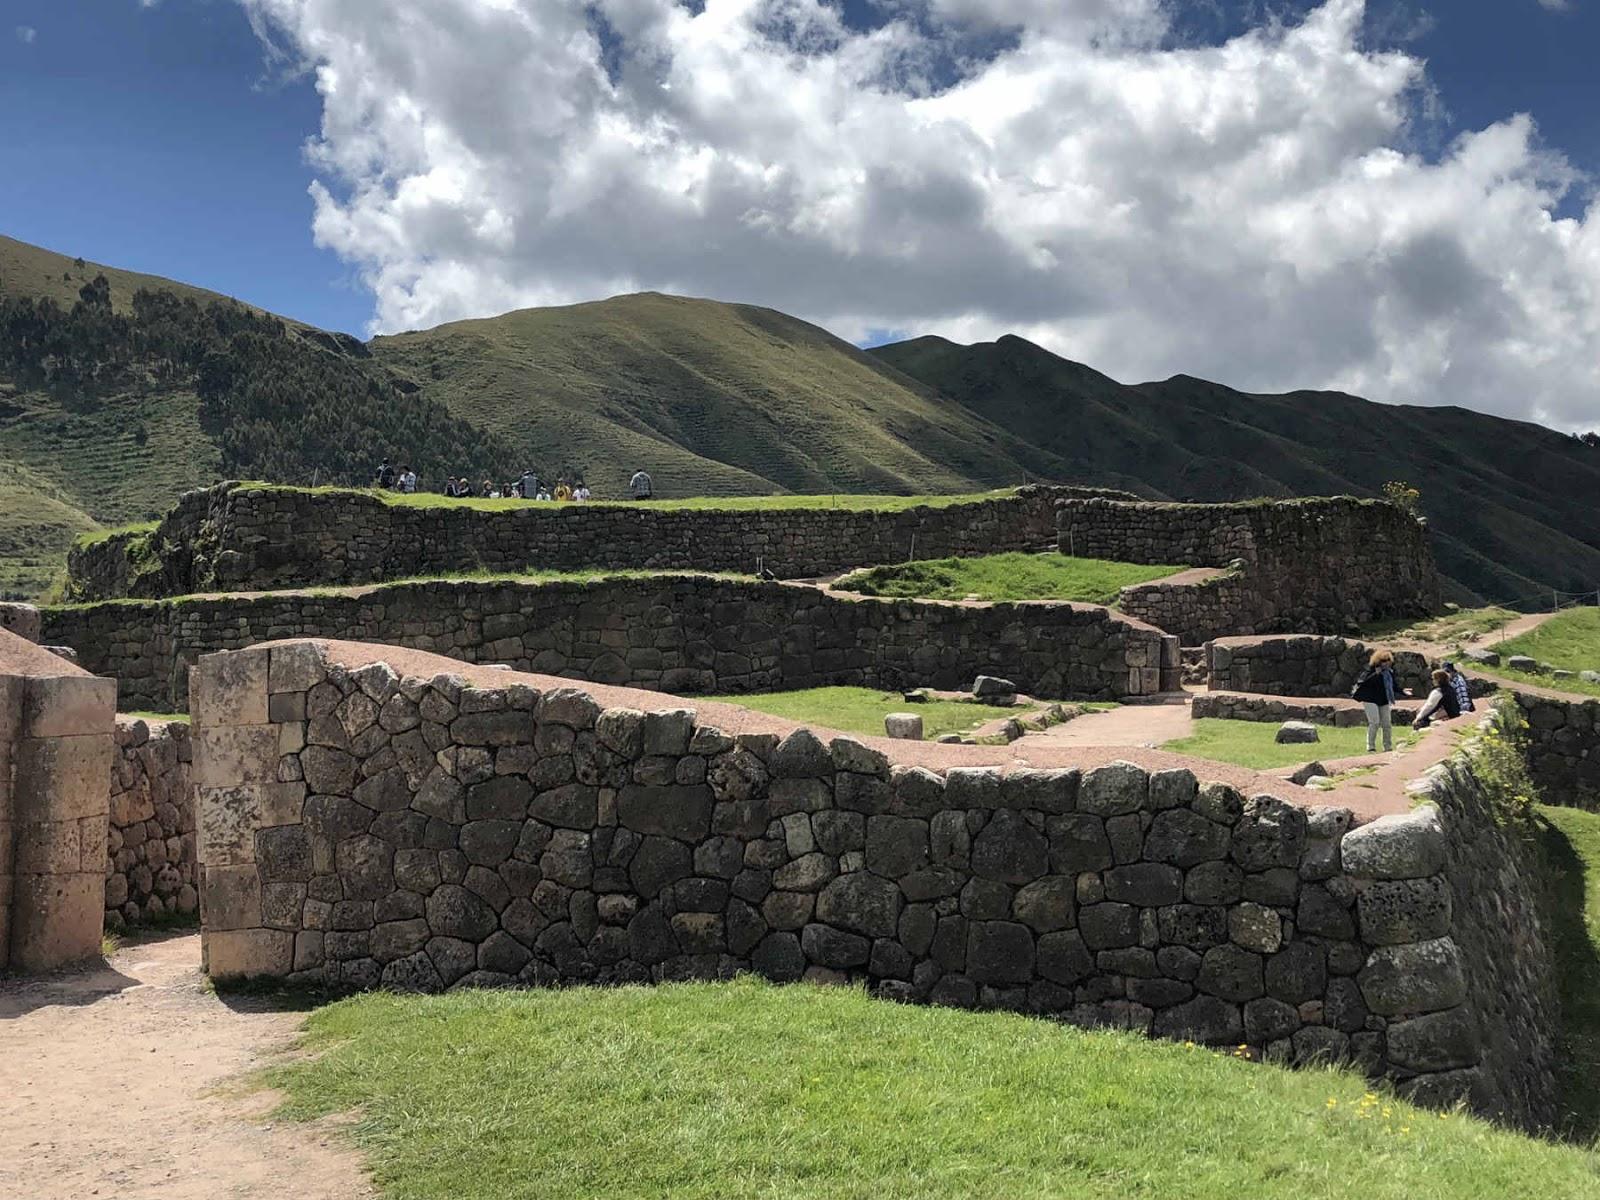 Sítio Arqueológico de Puka Pukara